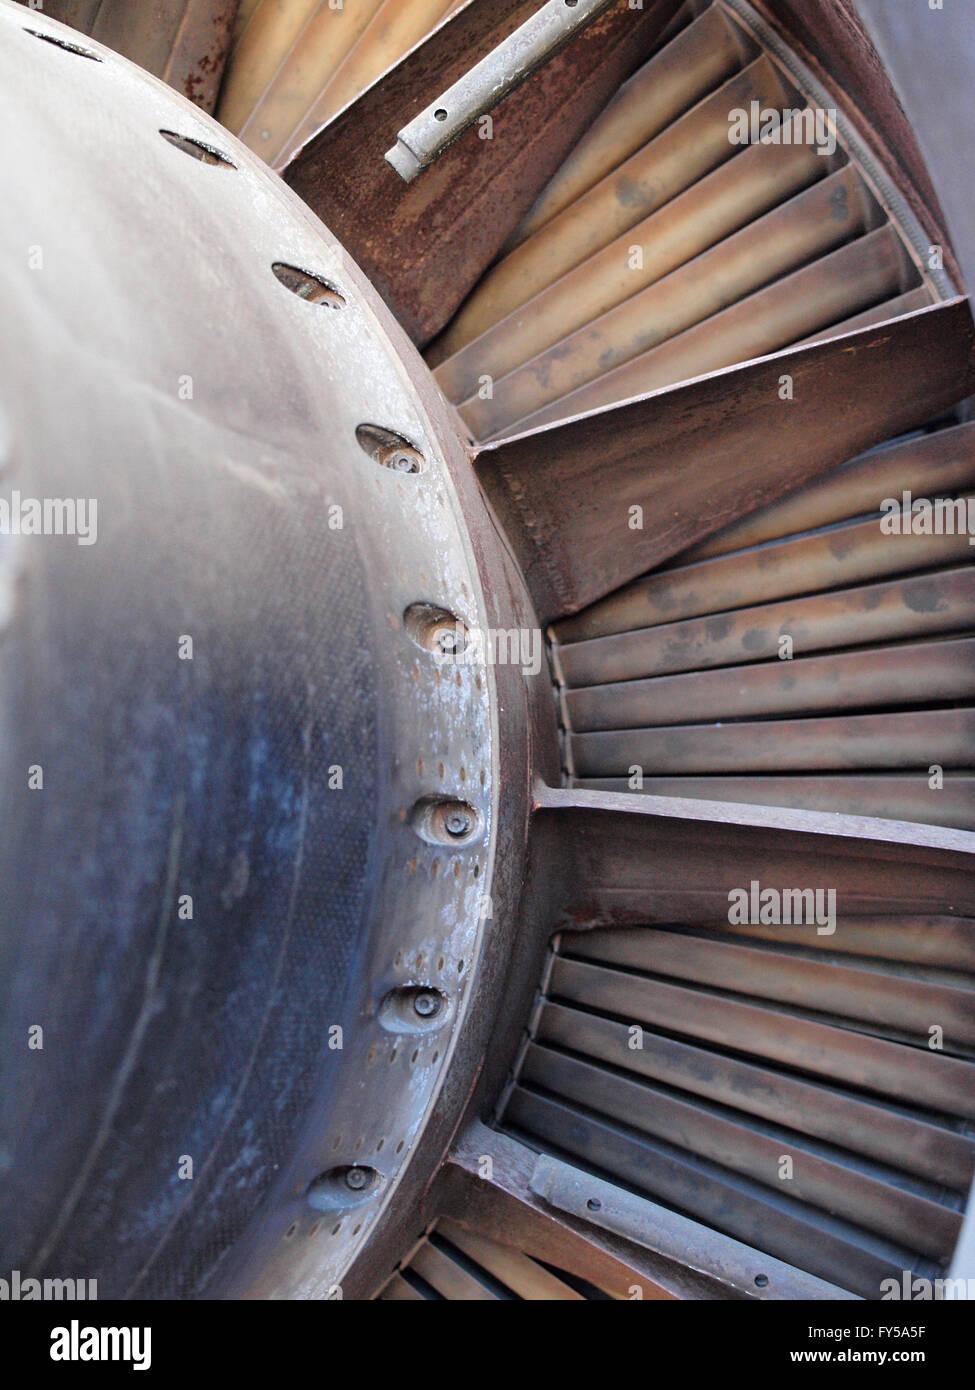 Nahaufnahme von Turbine und Lüfter Schaufeln eines Jet-Engine mit Gebrauchsspuren wie Flecken und Rost. Stockbild